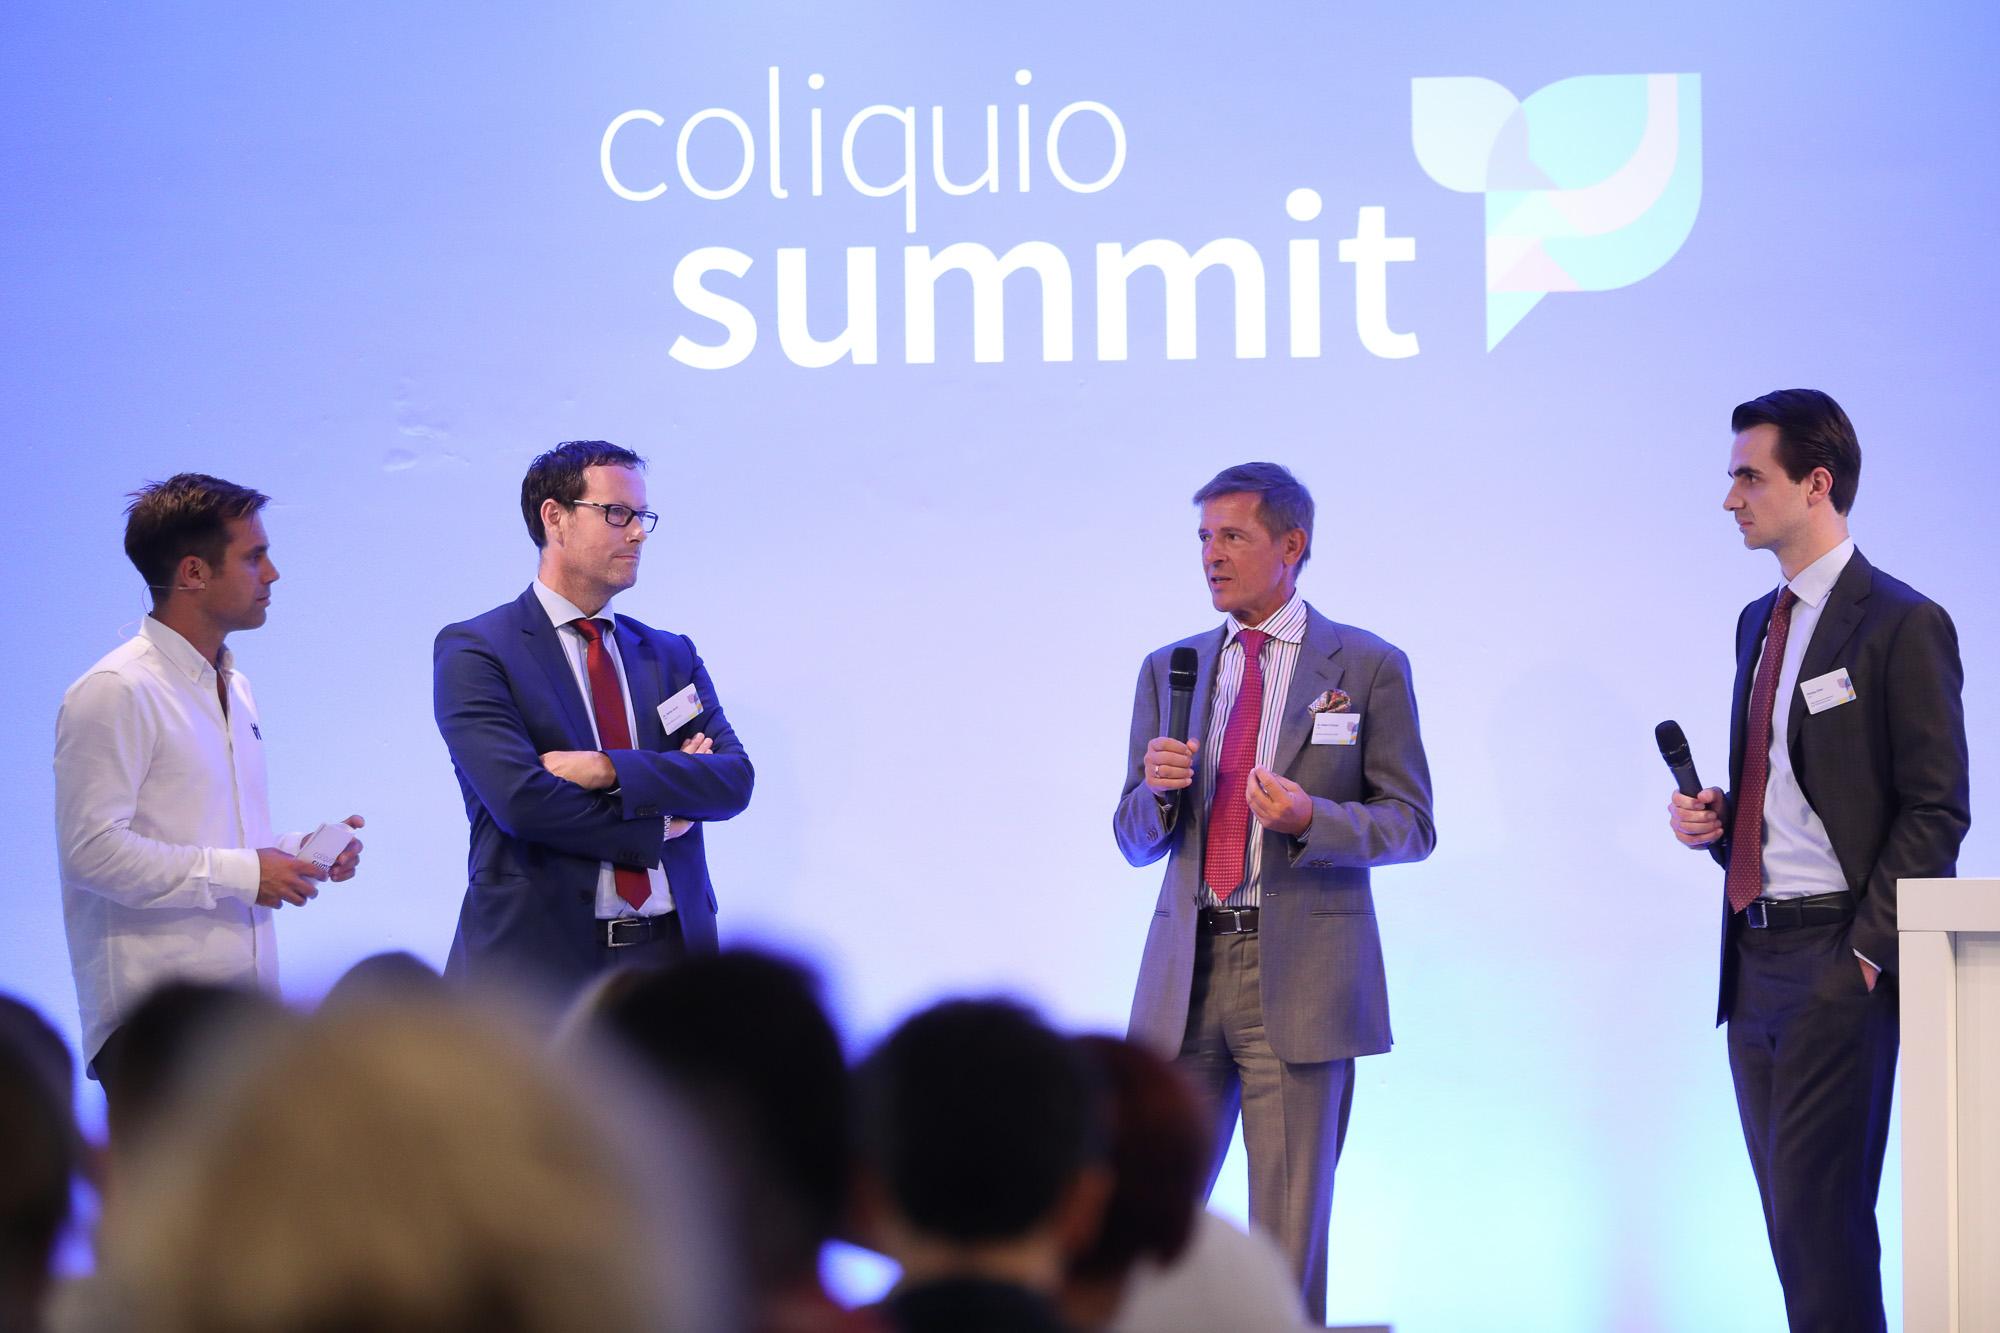 web_coliquio_summit2018_147.jpg